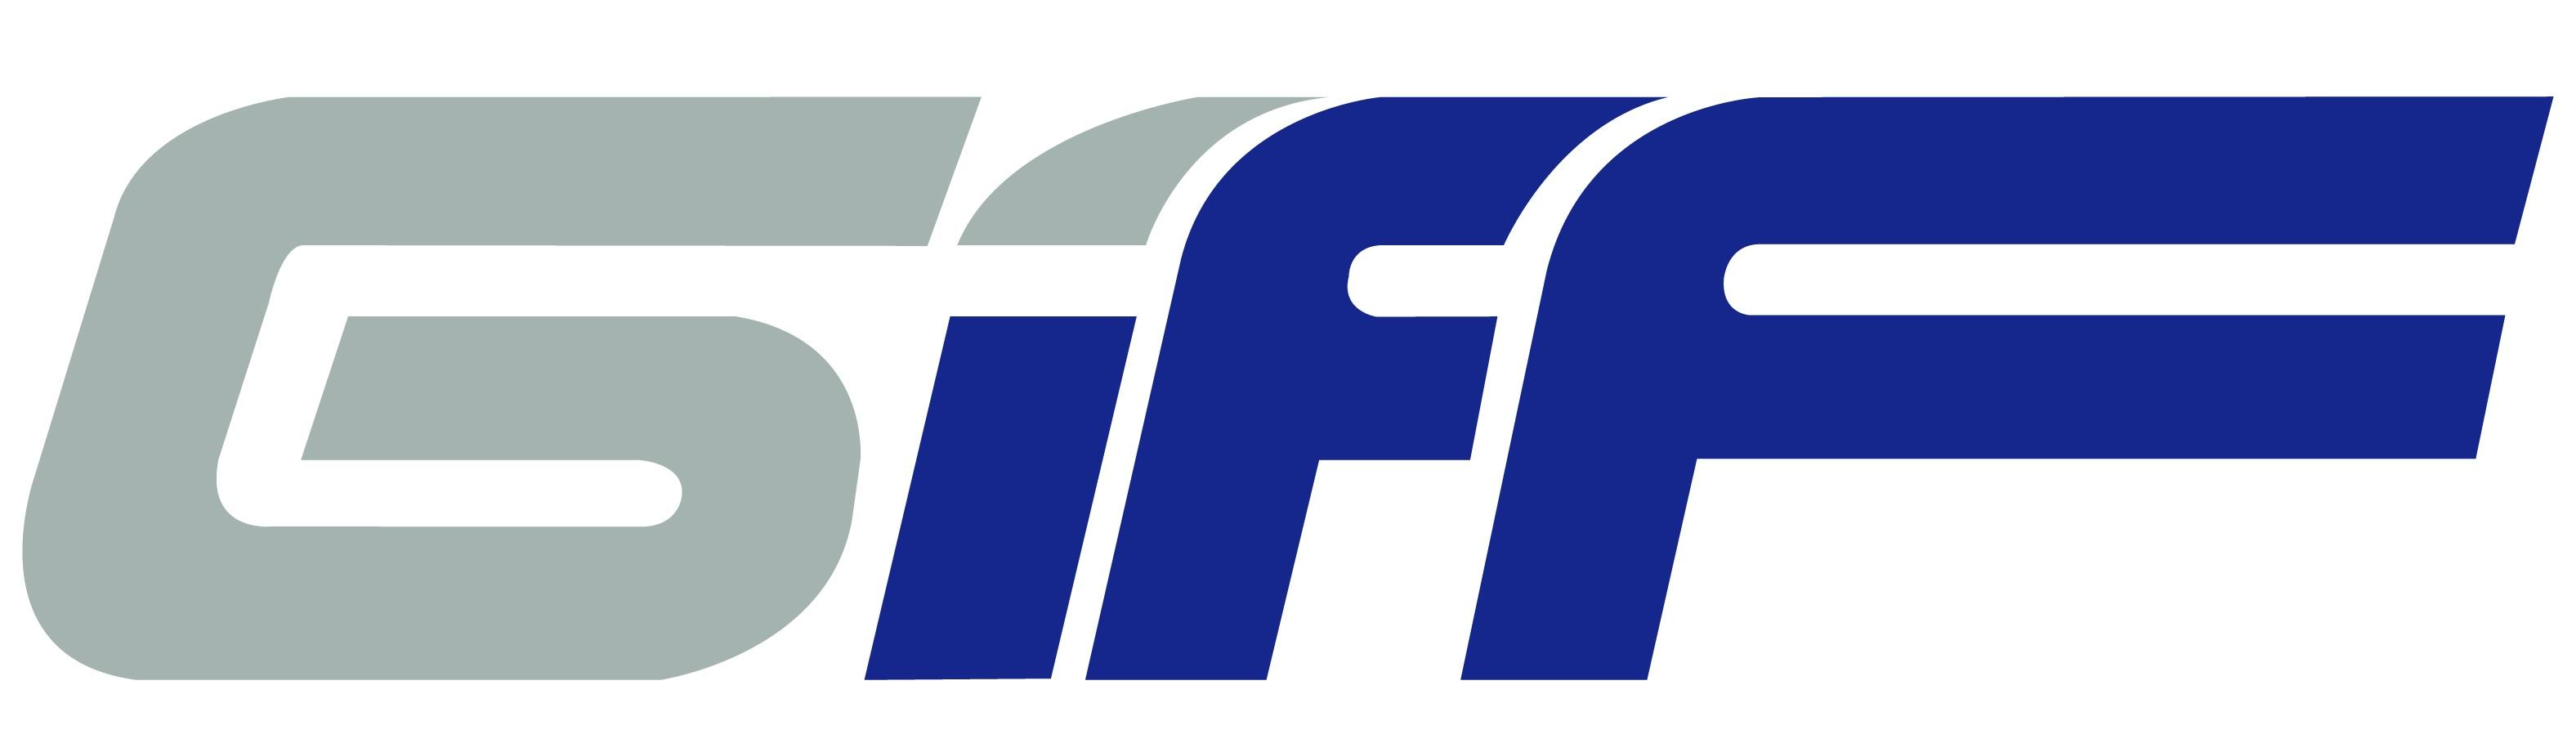 FBA全段物流服務